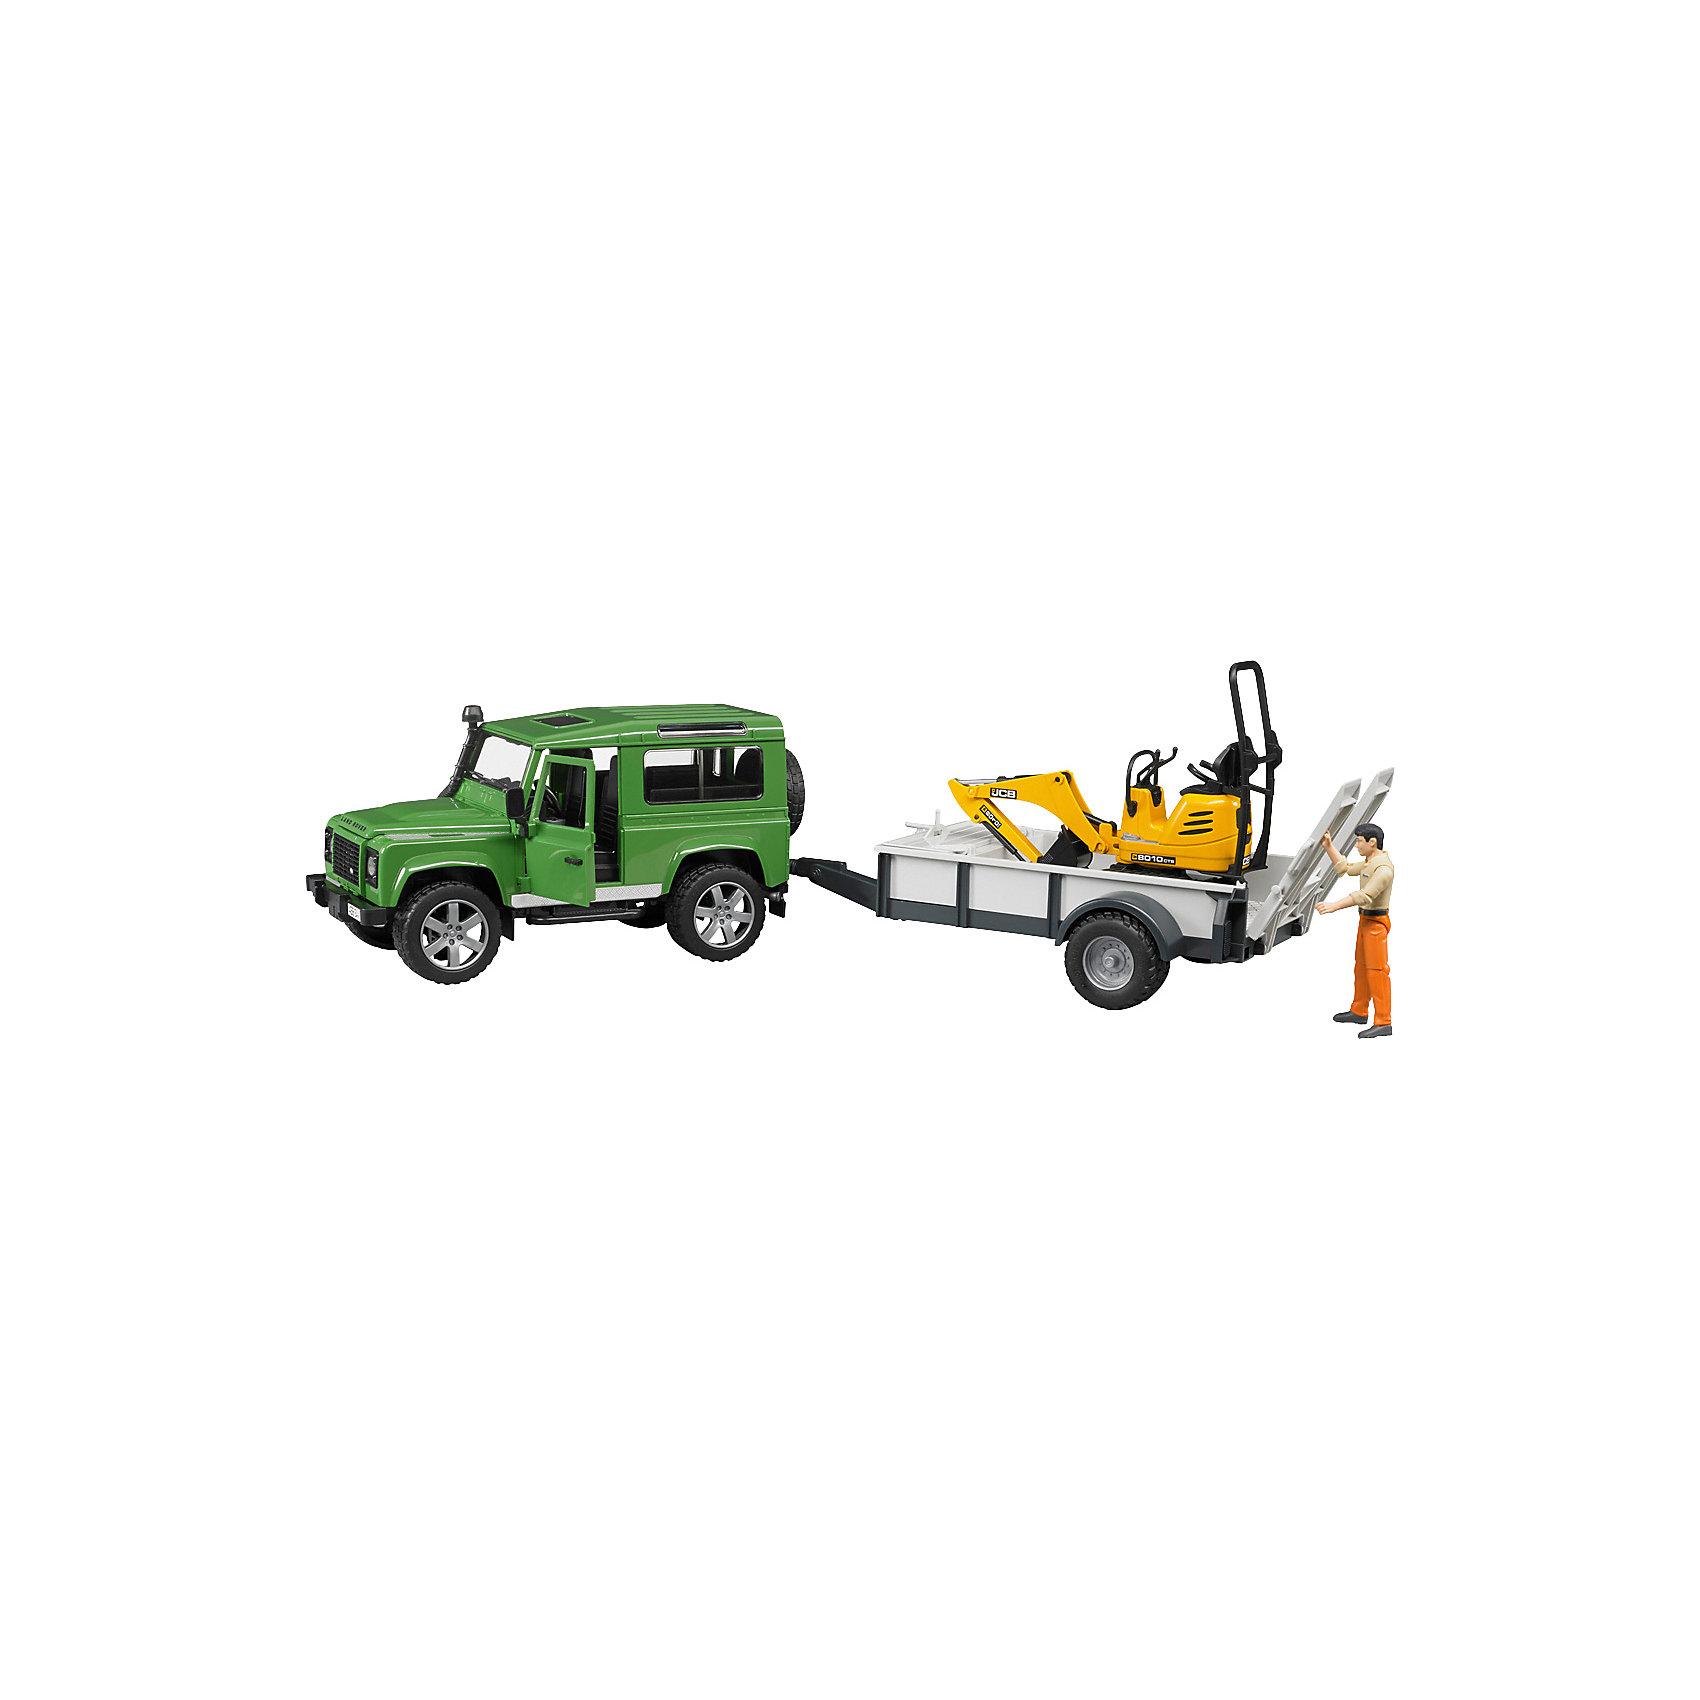 Внедорожник Land Rover c прицепом-платформой,  BruderКоллекционные модели<br>Внедорожник Land Rover Defender c прицепом-платформой, гусеничным мини-экскаватором 8010 CTS и рабочим Bruder (Брудер) - увлекательный игровой набор, который порадует любого ребенка и даже взрослого. Автотехника Брудер отличается высоким качеством исполнения и проработкой всех деталей и представляет для ребенка большую познавательную ценность.<br><br>Особенности автомобиля: управлять машиной можно как изнутри кабины, так и снаружи - через раздвижную крышу с помощью вставного рулевого стержня. Кабина оснащена рулем, который вращается и управляет передними колесами. Задние сиденья съемные. Капот можно открыть и зафиксировать, под капотом находится декоративный двигатель.<br><br>Прицеп-платформа оснащена опорой, тягово-сцепным устройством и ящиком для инструментов. Задний борт платформы опускается, выдвигается трап, по которому можно загружать автомобили и дополнительную технику на платформу.<br><br>Платформа гусеничного мини-экскаватора поворачивается на 360°, ковш опускается и поднимается. Колёса прорезинены.<br><br>Дополнительная информация:<br><br>- В наборе: внедорожник, прицеп-платформа, мини экскаватор, фигурка рабочего.<br>- Материал: высококачественный пластик, резина. <br>- Размер игрушки:  66 х 22,2 х 17,5 см.<br>- Размер упаковки: 73 х 18 х 23 см.<br>- Вес: 1,6 кг.<br><br>Внедорожник Land Rover Defender c прицепом-платформой Bruder можно купить в нашем интернет-магазине.<br><br>Ширина мм: 661<br>Глубина мм: 182<br>Высота мм: 229<br>Вес г: 1403<br>Возраст от месяцев: 48<br>Возраст до месяцев: 96<br>Пол: Мужской<br>Возраст: Детский<br>SKU: 2514131